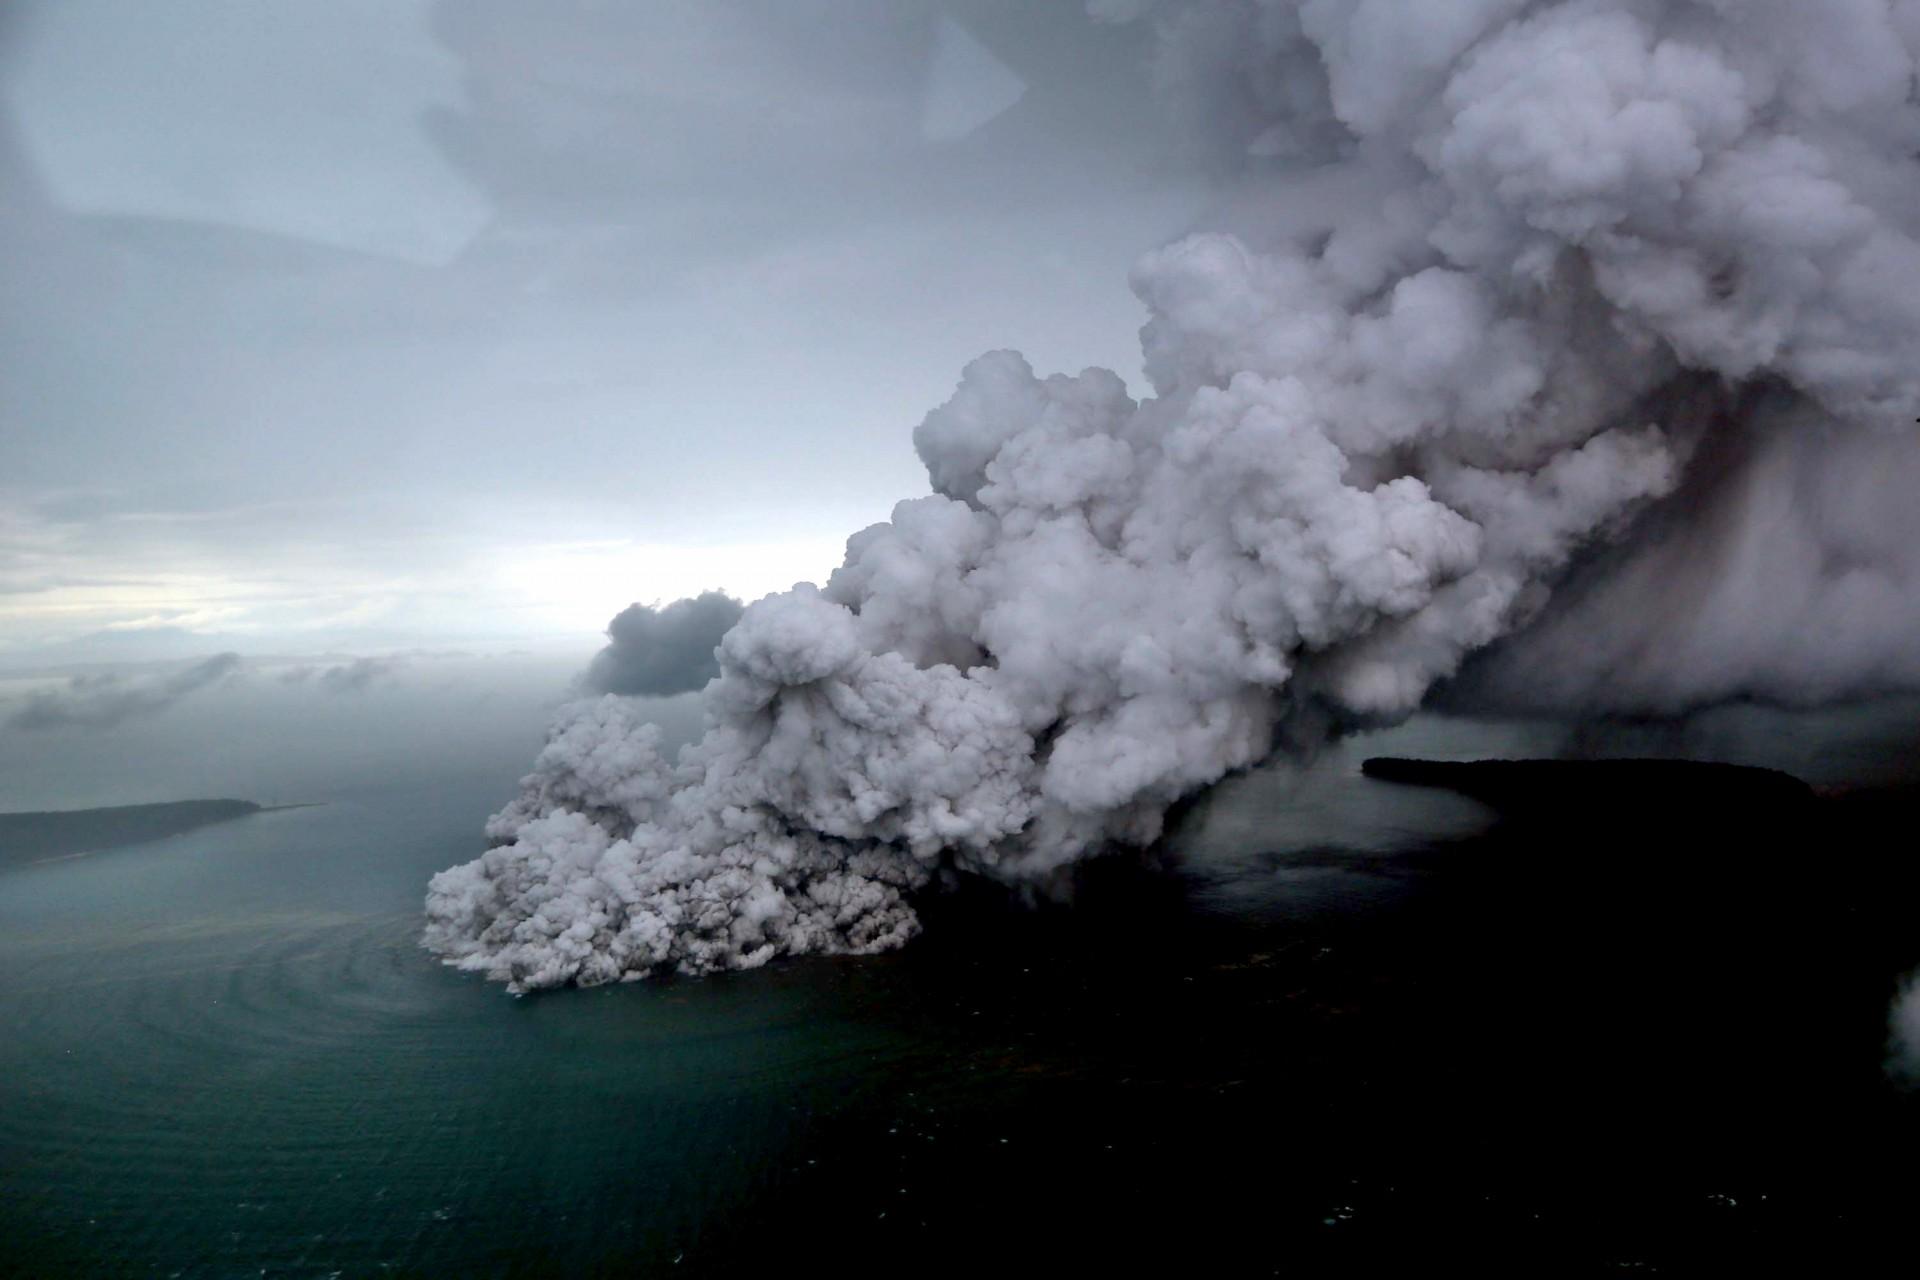 Esta fotografía aérea tomada el 23 de diciembre de 2018 por Bisnis Indonesia muestra el volcán Krakatoa de Anak (Niño) en erupción en el estrecho de Sunda, en la costa del sur de Sumatra y el extremo occidental de Java.